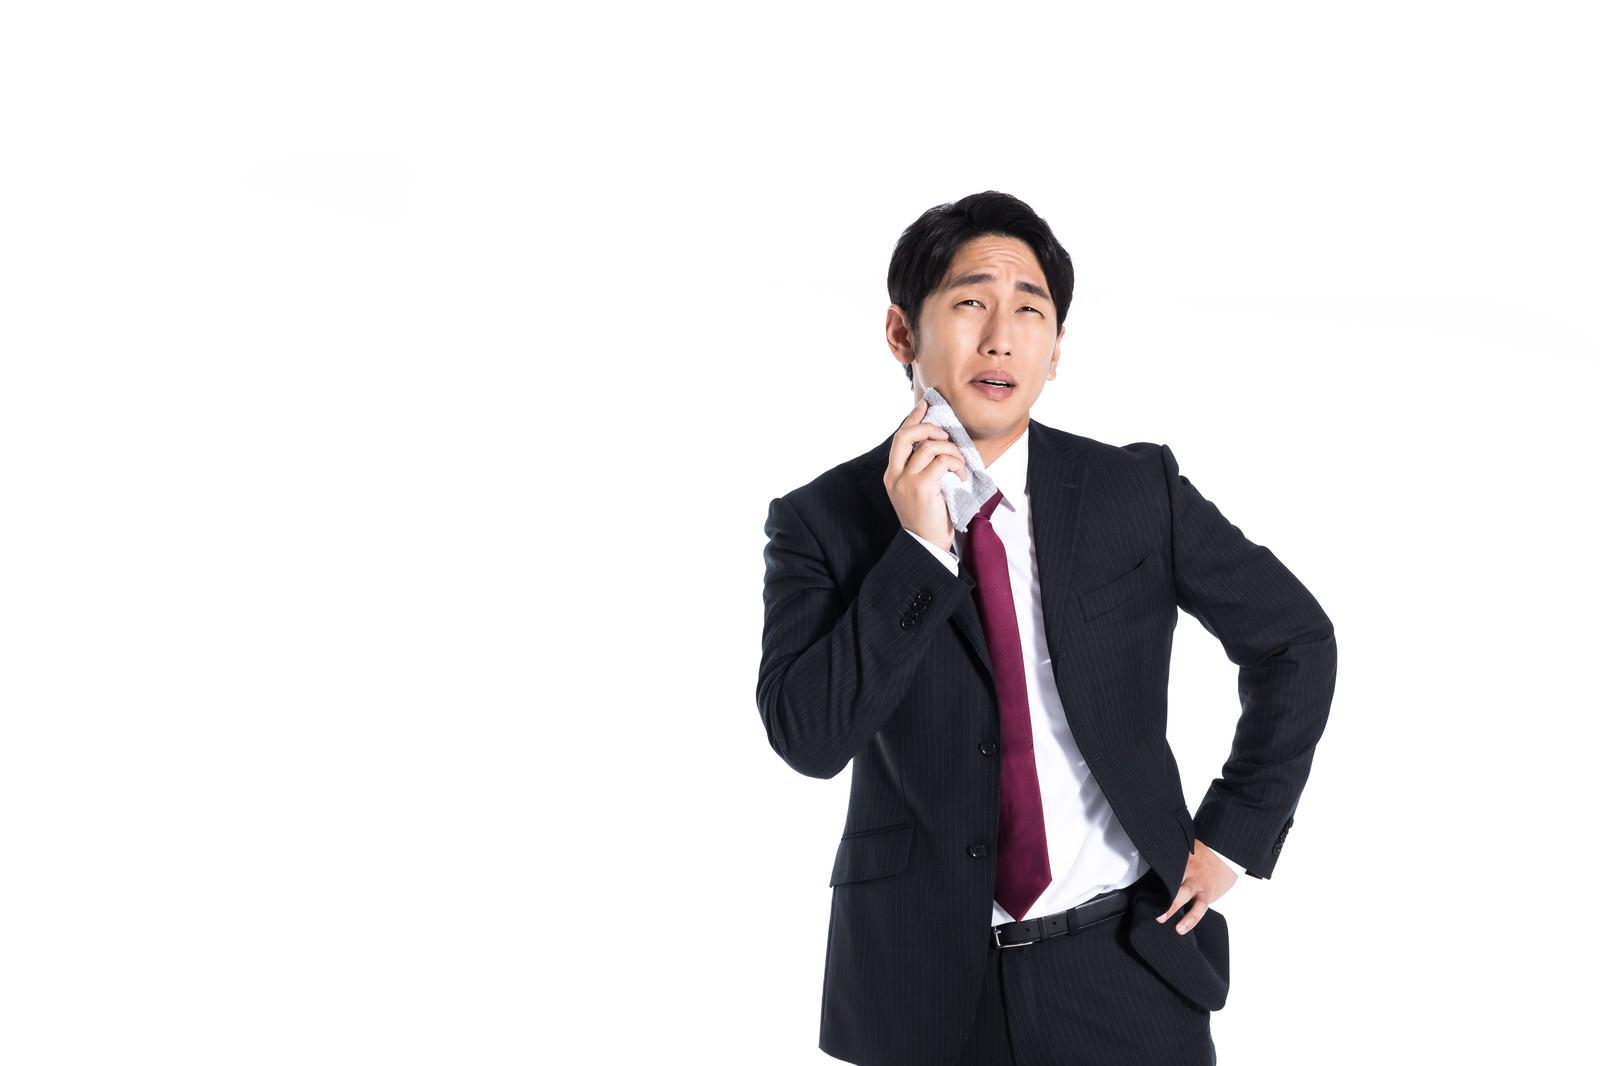 「ハンカチで汗を拭きながら営業するサラリーマン」の写真[モデル:大川竜弥]